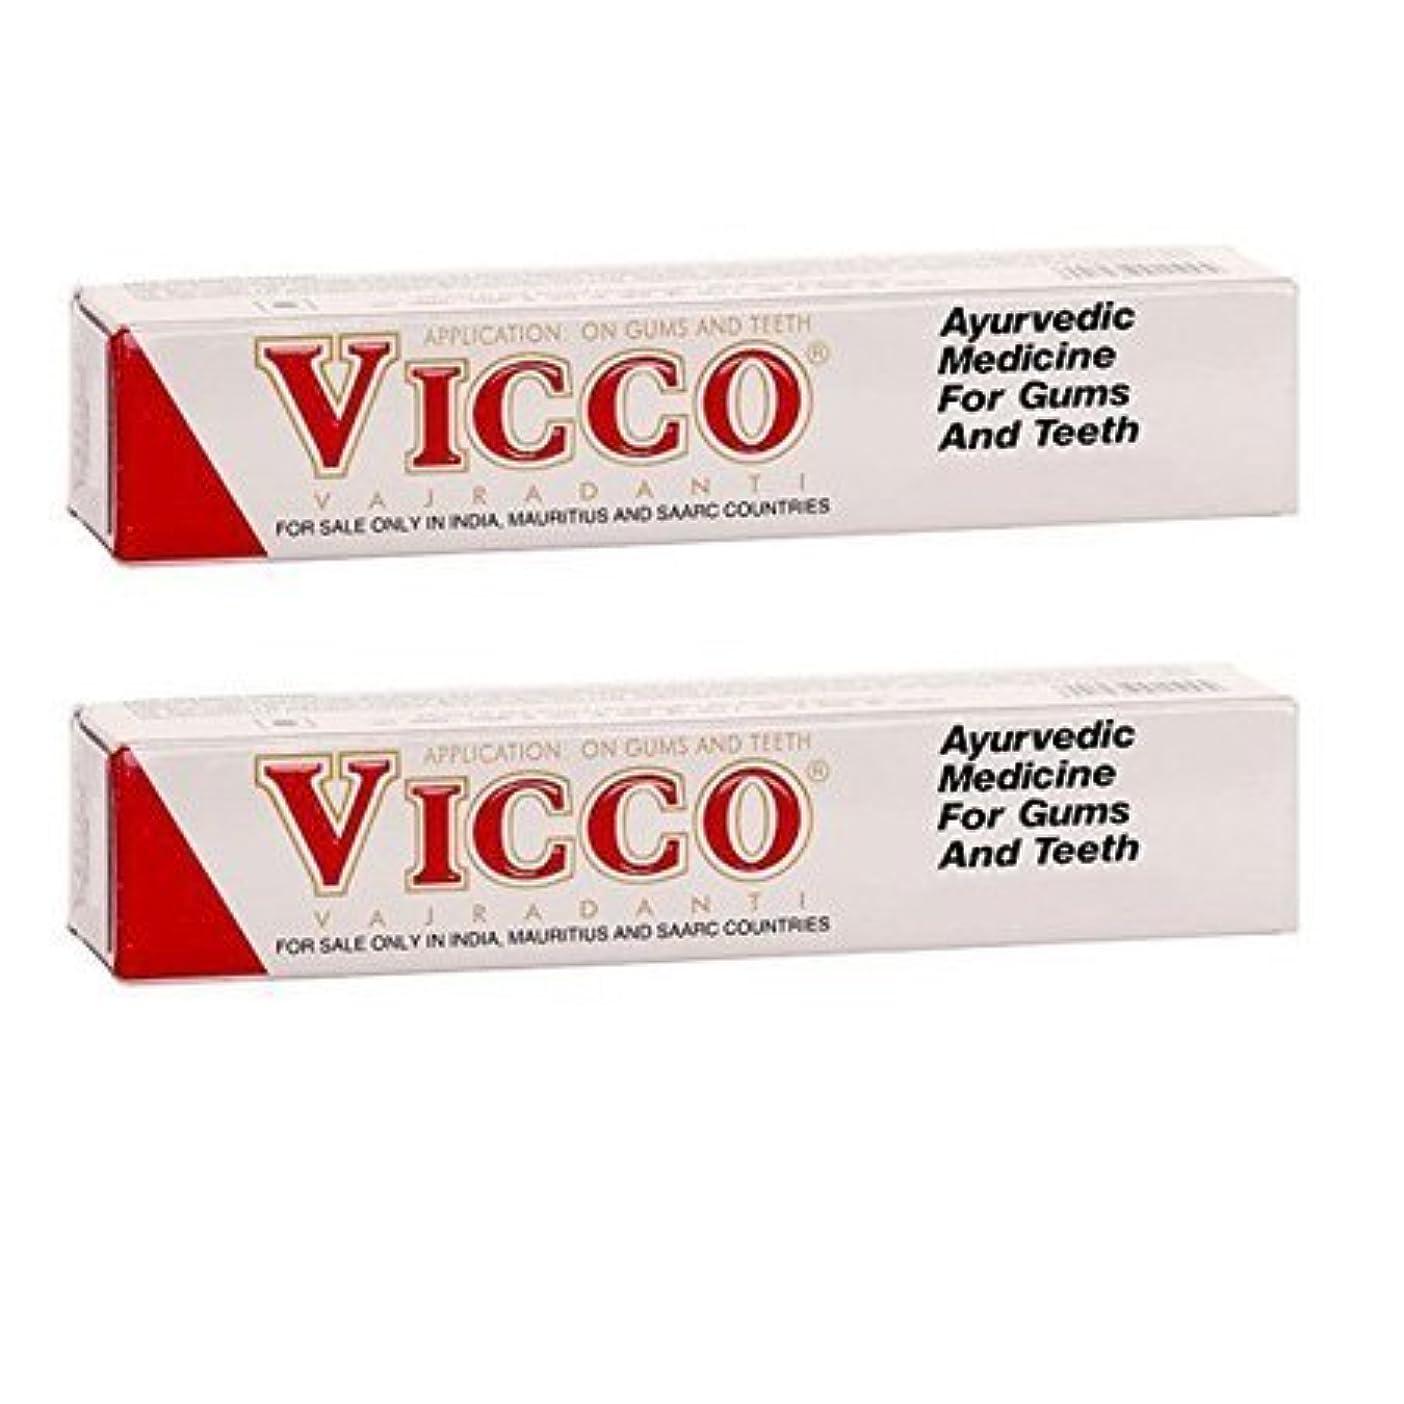 軍団ねばねばプレゼントBuycrafty Ayurvedic Herbal Toothpaste 100gm (Pack of 2) Vicco vajradanti Free 2 Dental Floss Toothpicks